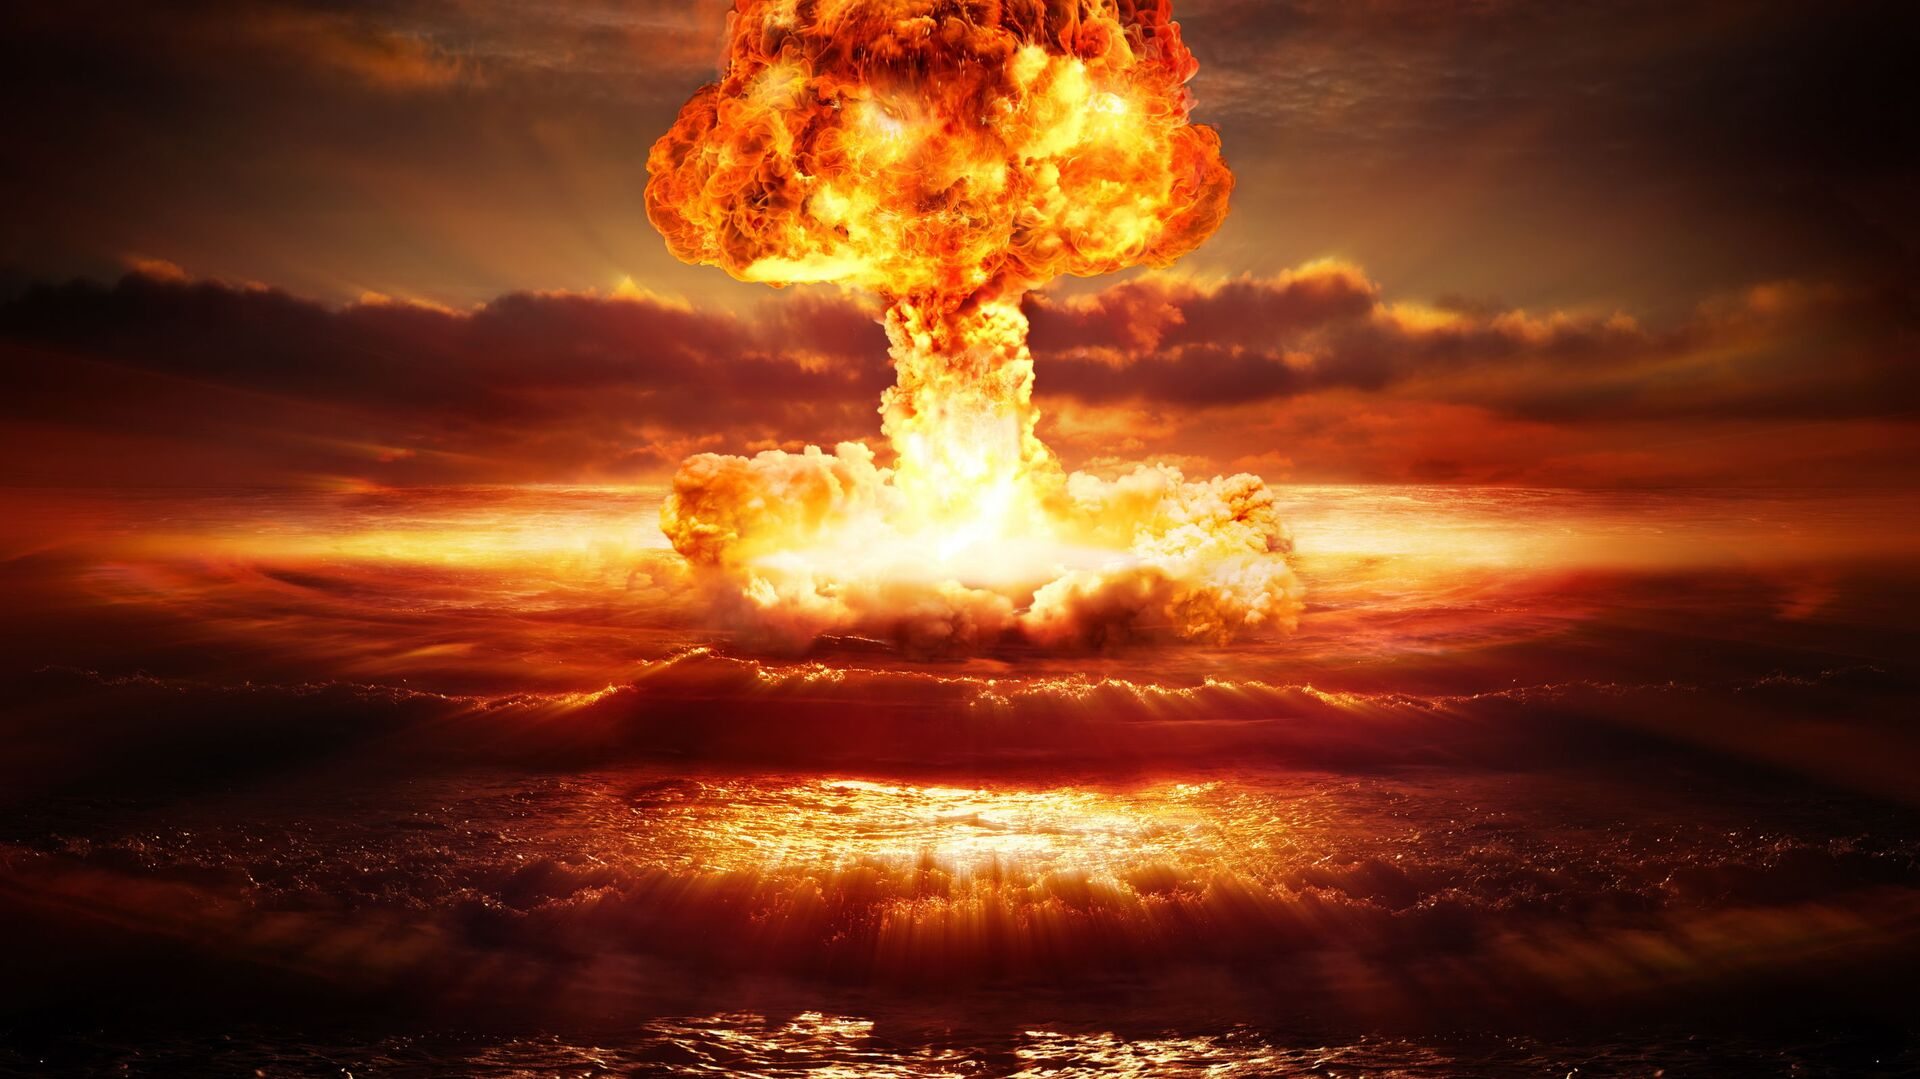 Wybuch nuklearny - Sputnik Polska, 1920, 15.04.2021